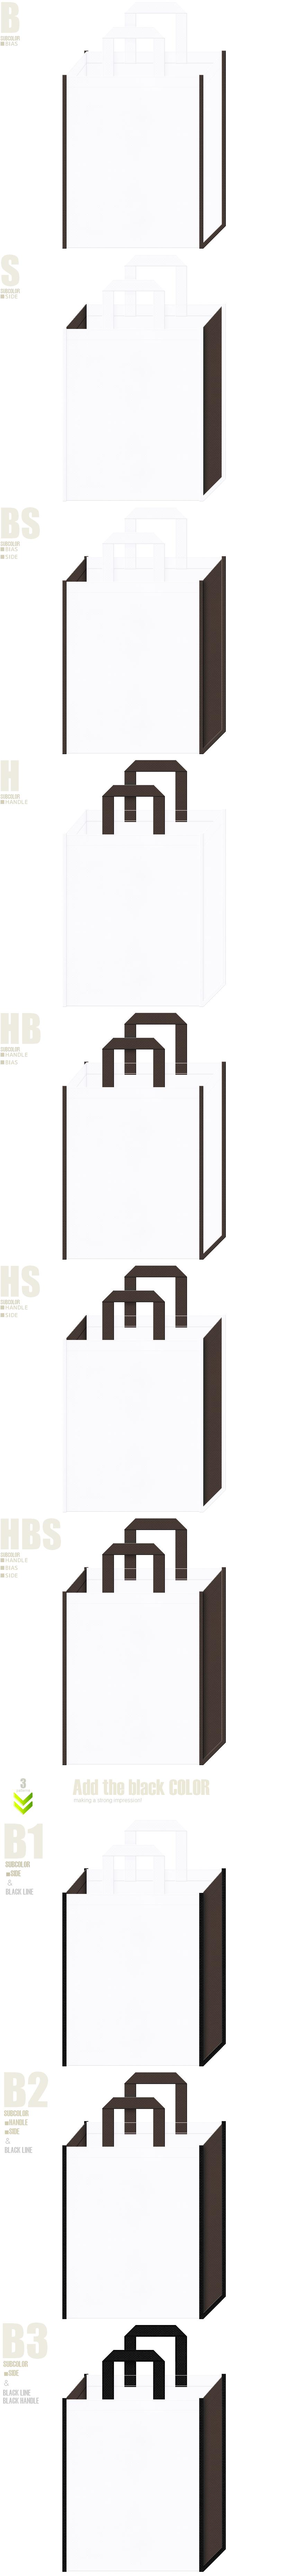 展示会用バッグ・ブラウス・ワイシャツ・礼装・雪だるま・雪まつり・観光・城下町・武家屋敷・お城イベント・書道・ホテル・マンション・オフィスビル・店舗インテリア・農学部・・学校・学園・オープンキャンパス・学習塾・レッスンバッグにお奨めの不織布バッグデザイン:白色とこげ茶色のコーデ10パターン